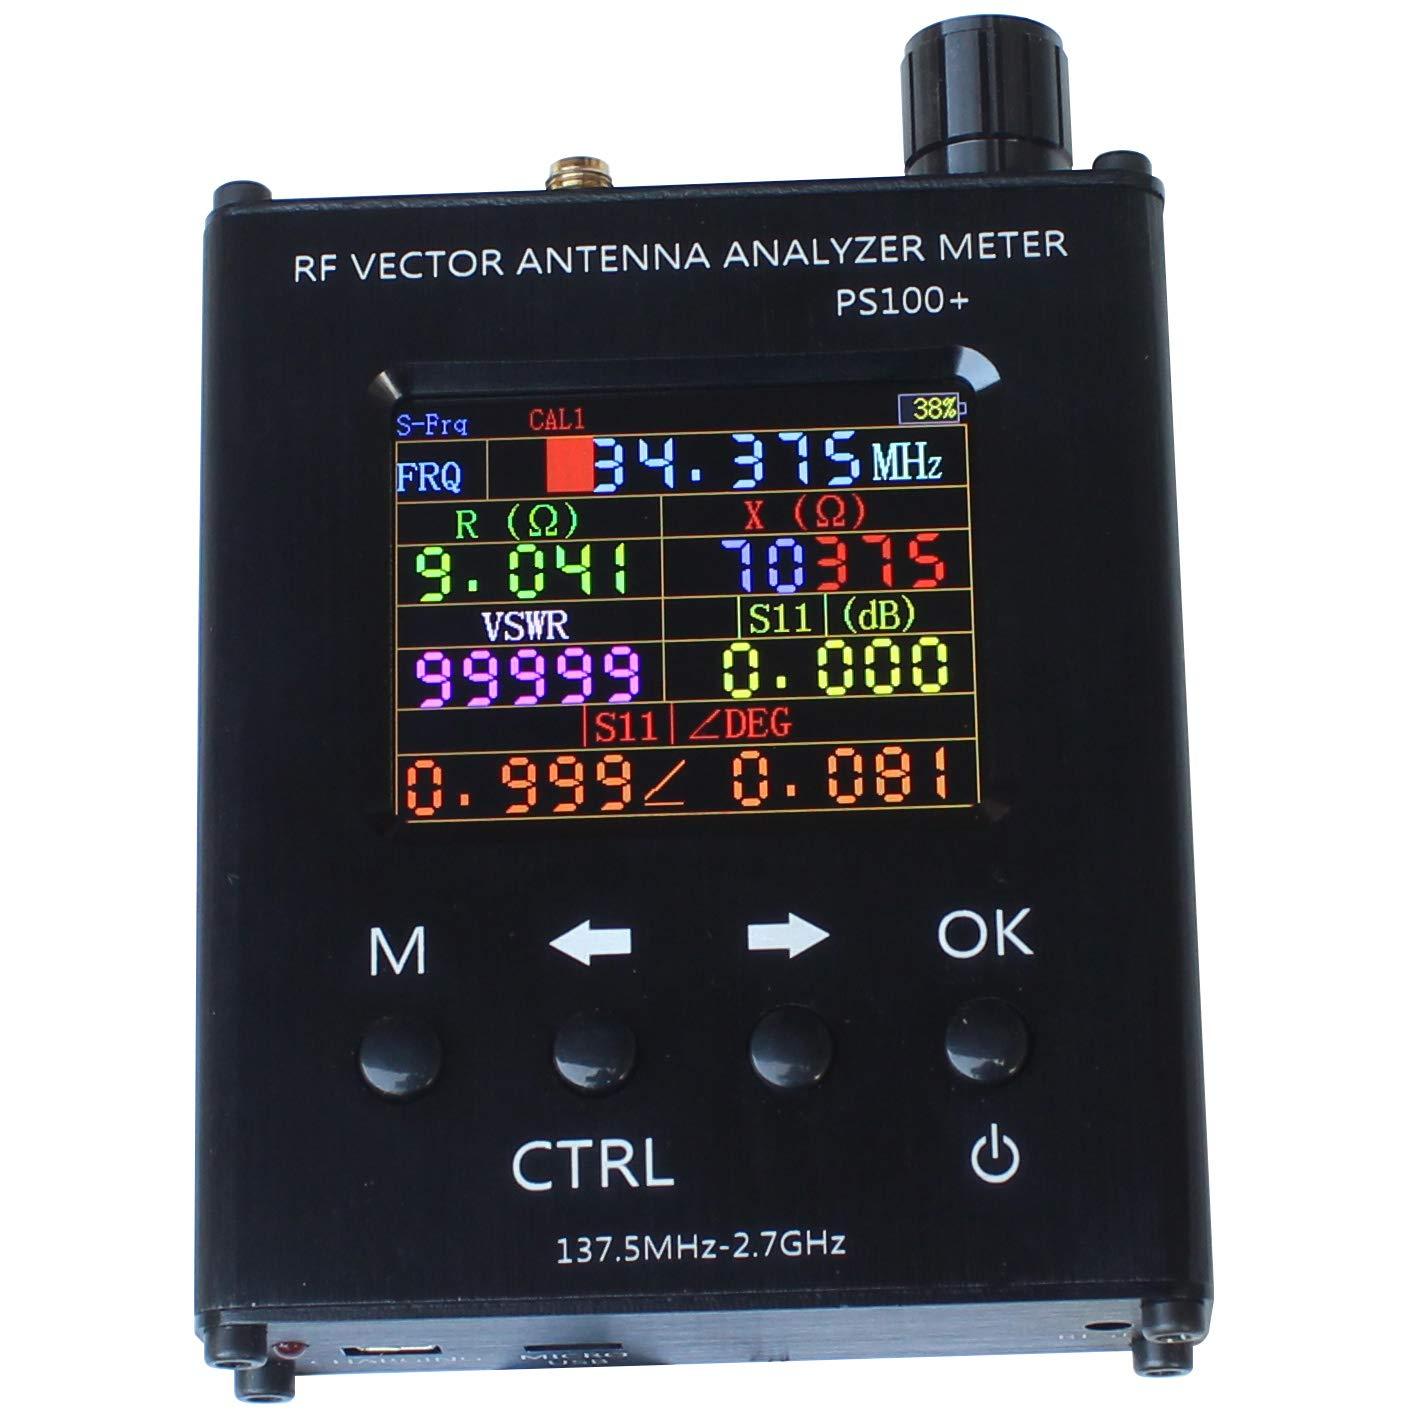 PS100+ - Analizador de antena RF Vector Impedancia ANT SWR (34,375 MHz-2,7 GHz, resistencia, reacción, impedancia VSWR N1201SA + Plus)